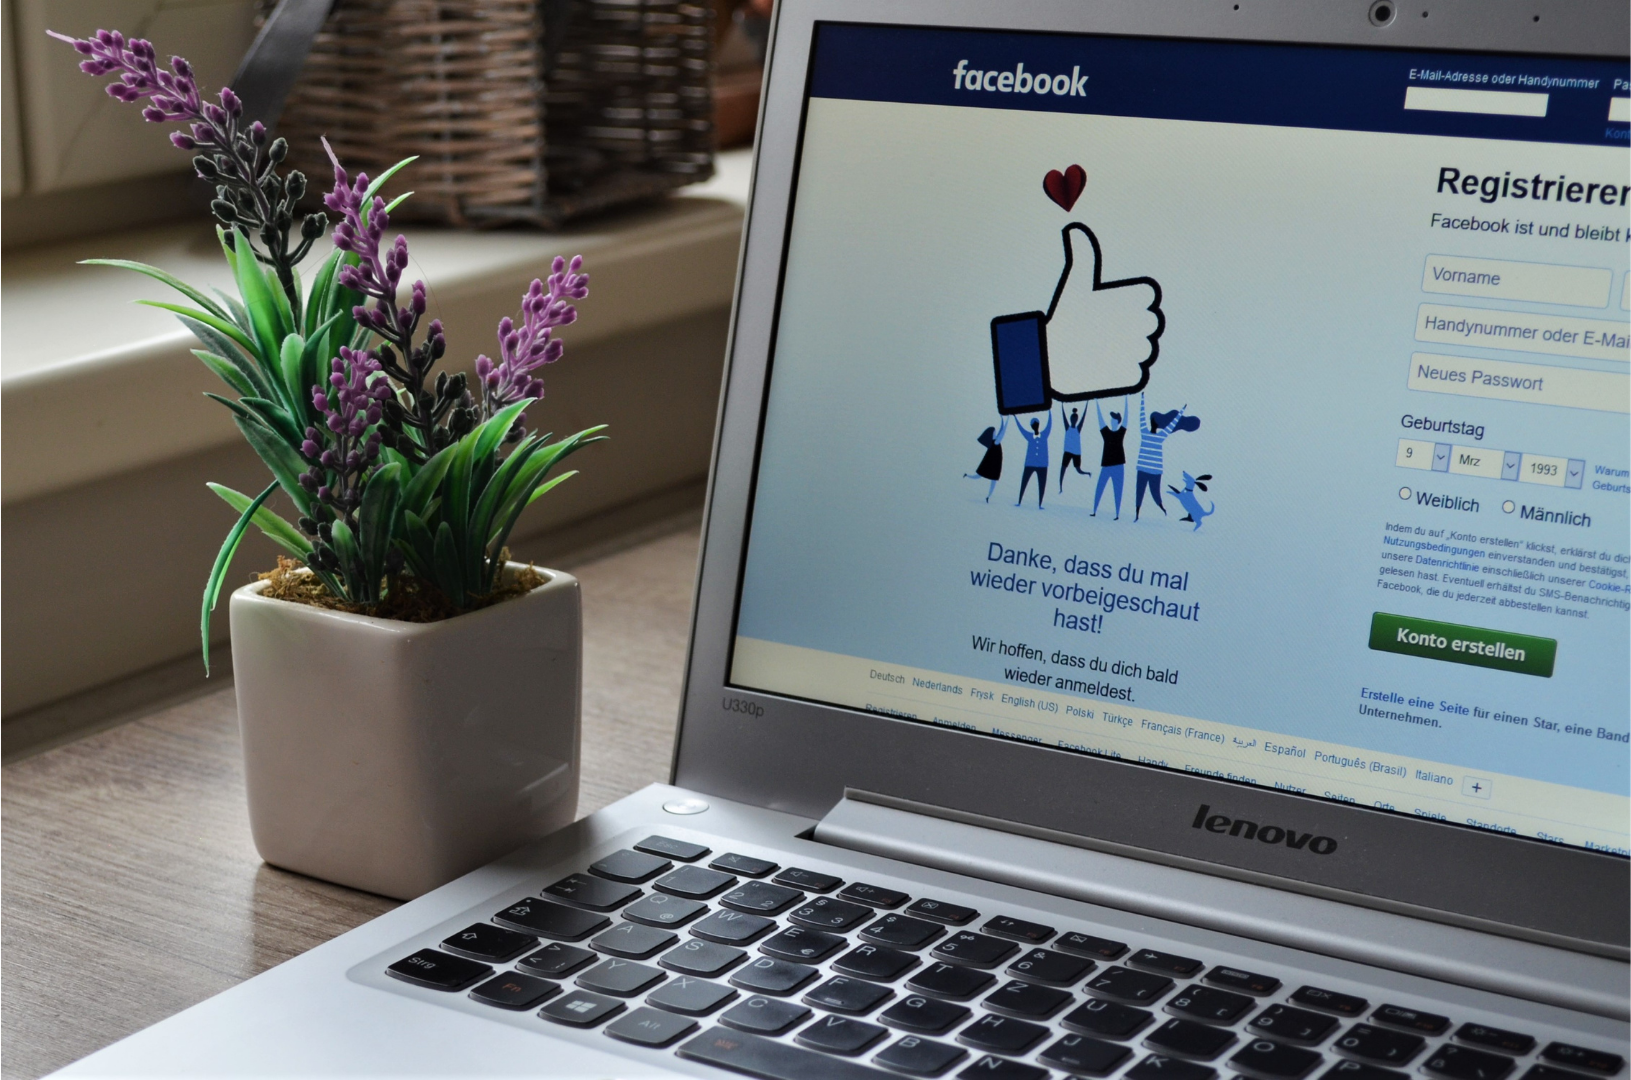 Фейсбук как источник трафика для арбитража